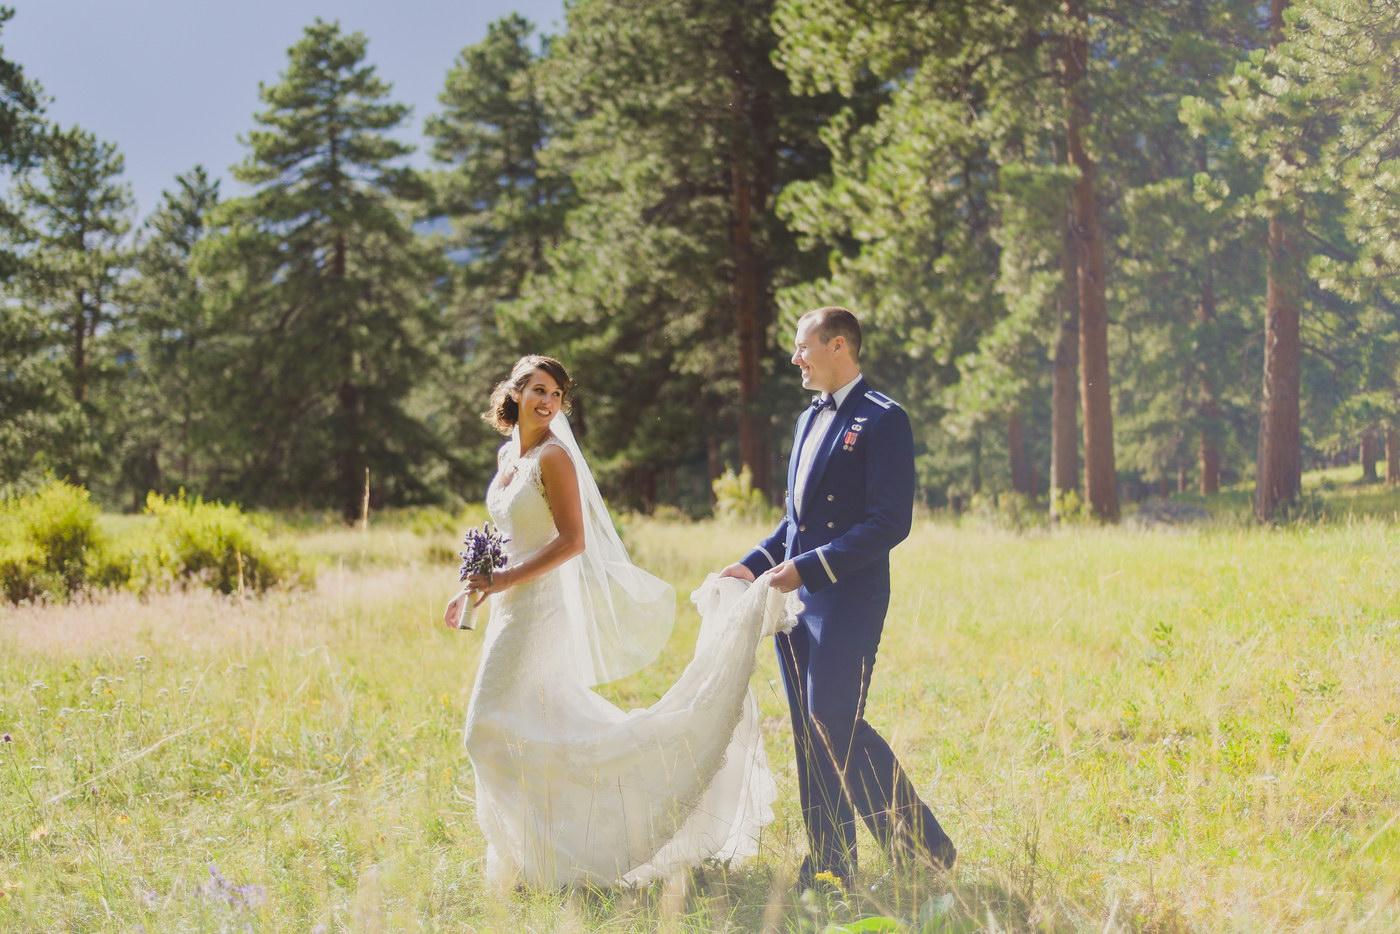 Fotografii artistice de nunta facute la munte